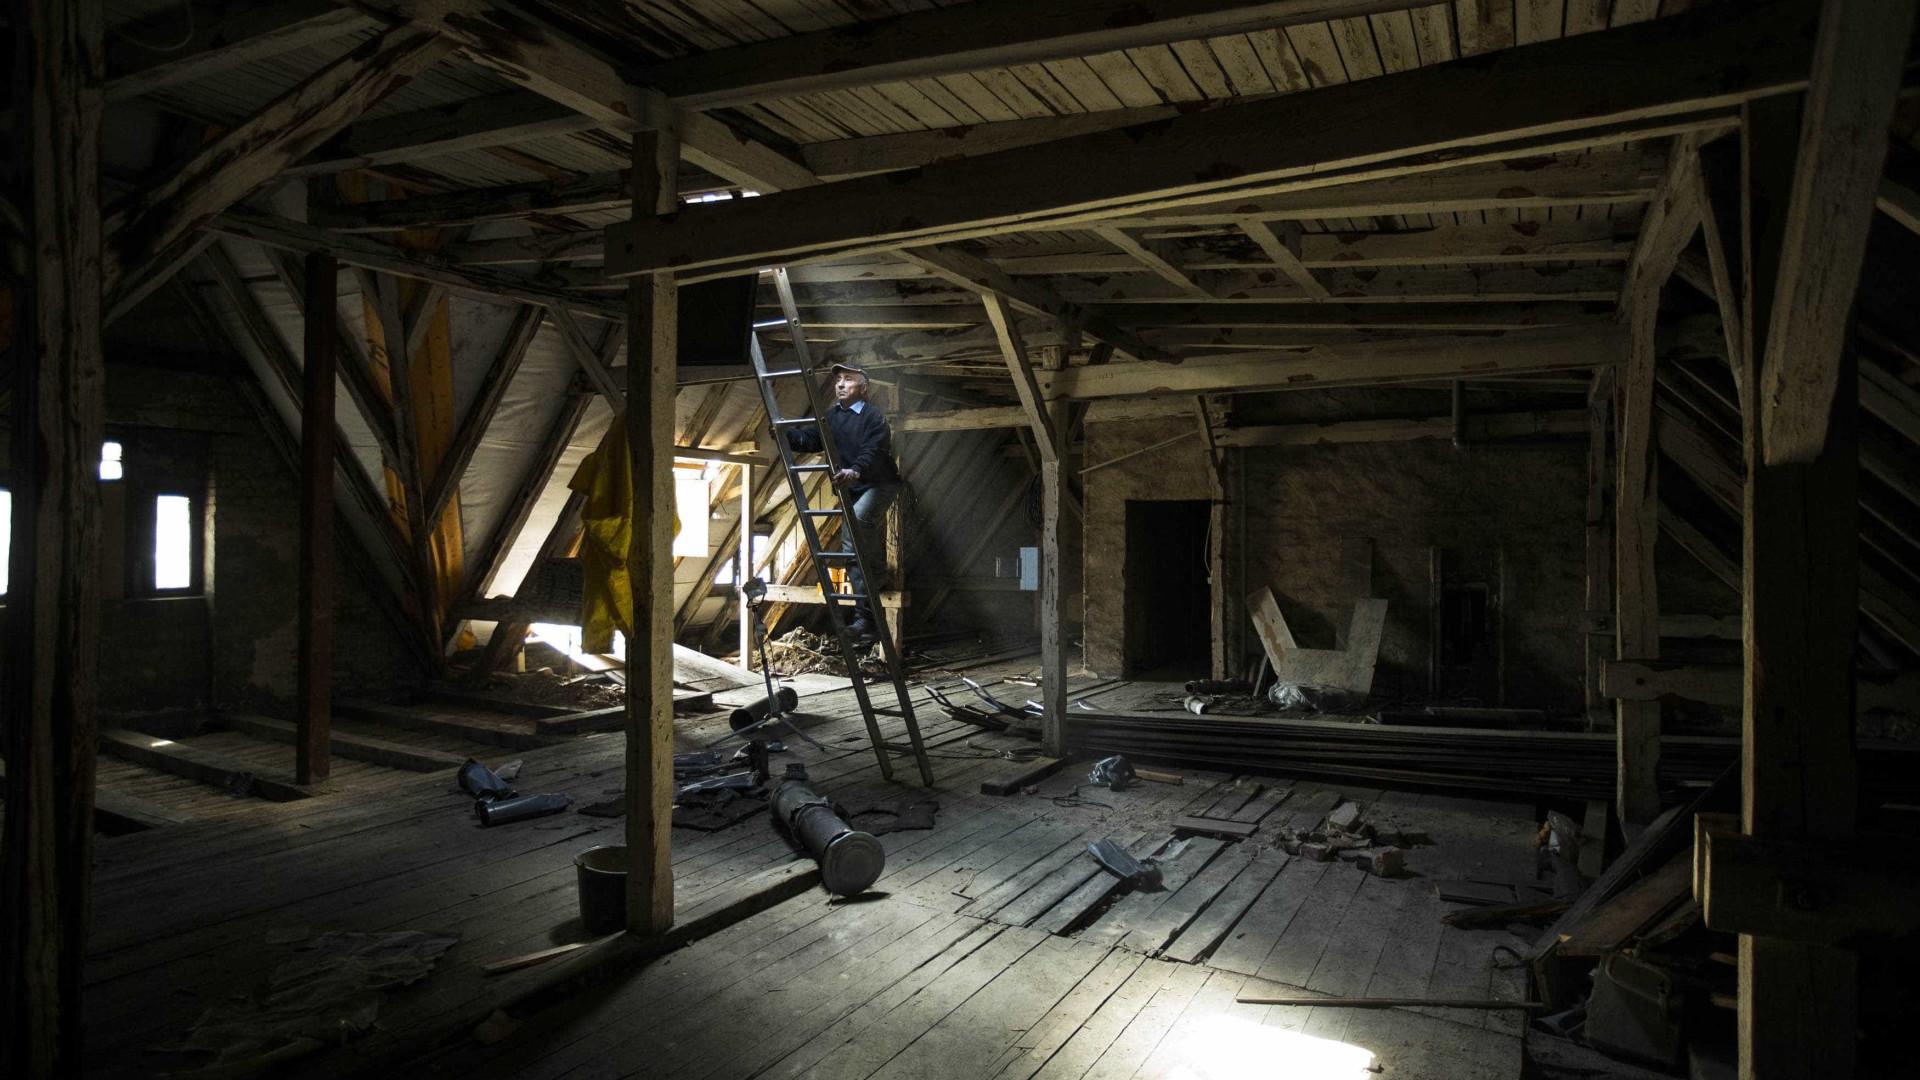 Encontra em sótão corpo de mulher desaparecida há 40 anos dd6f160633def